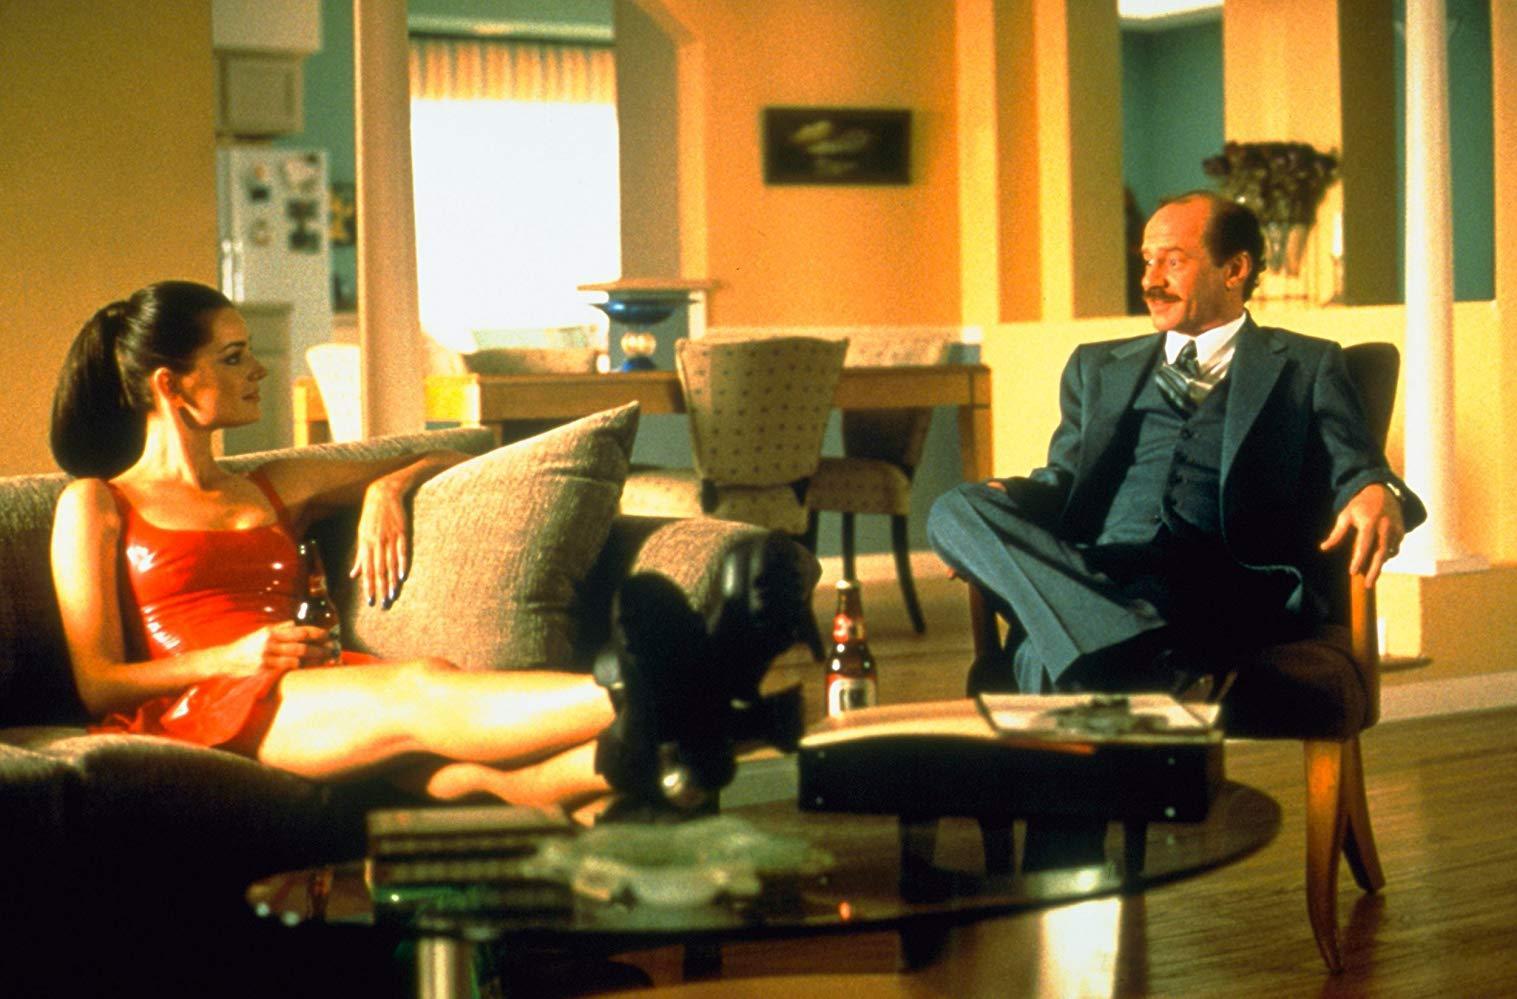 فيلم Thursday 1998 مترجم